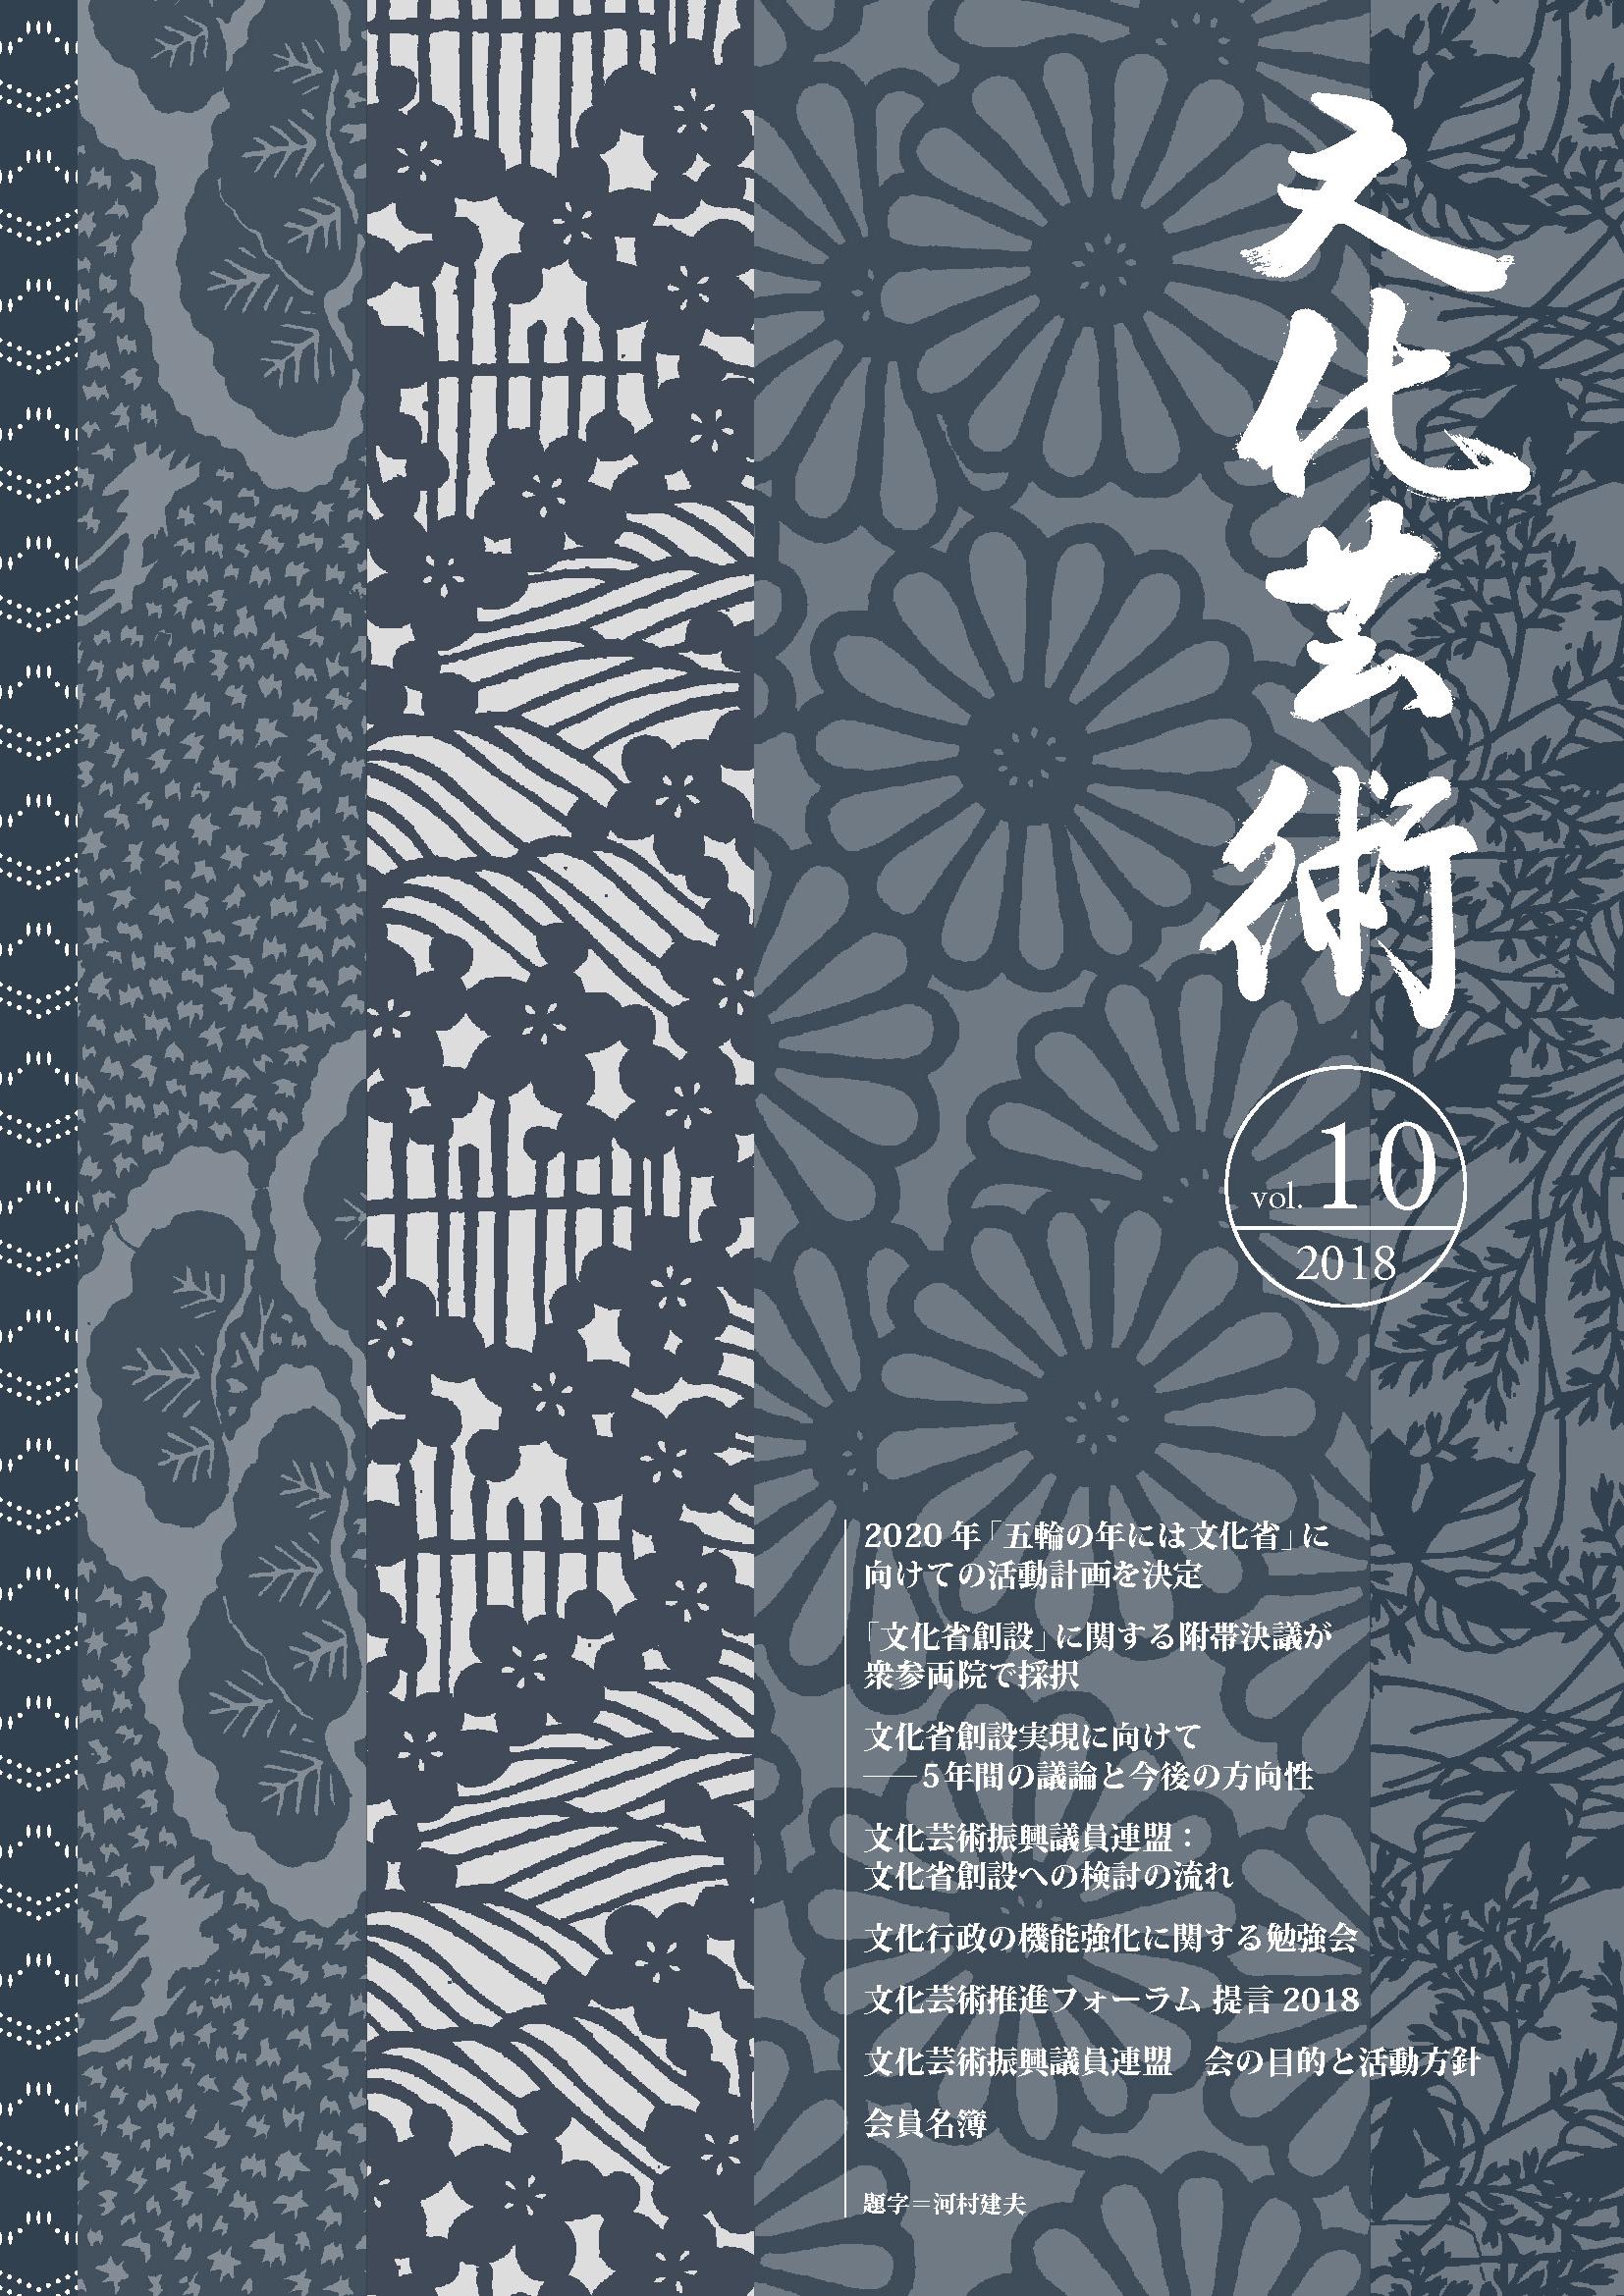 文化芸術vol.10